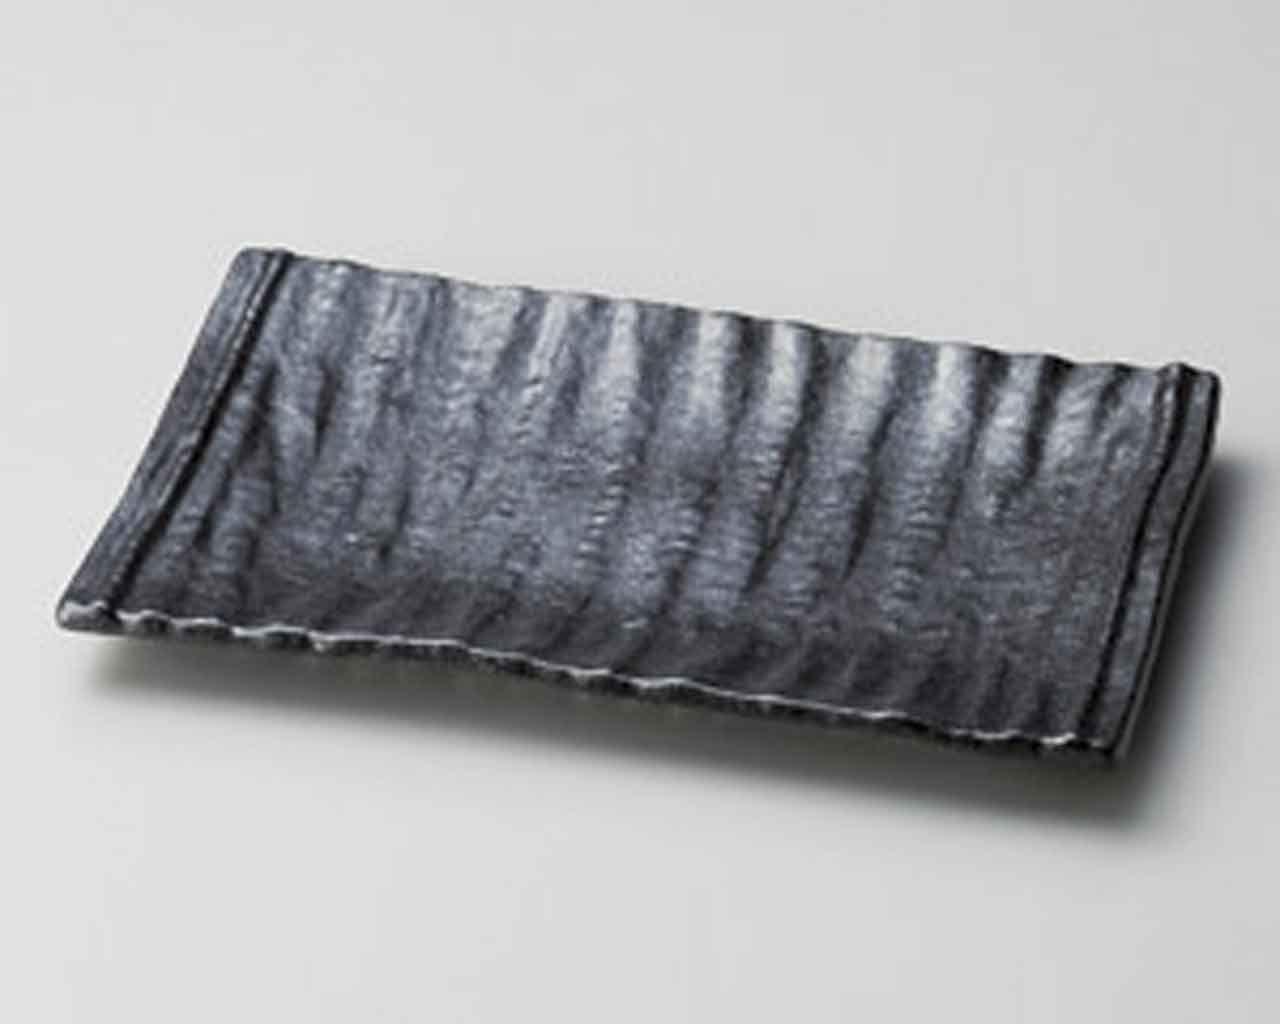 Ibushi Black 13.1inch Long Plate Black porcelain Made in Japan